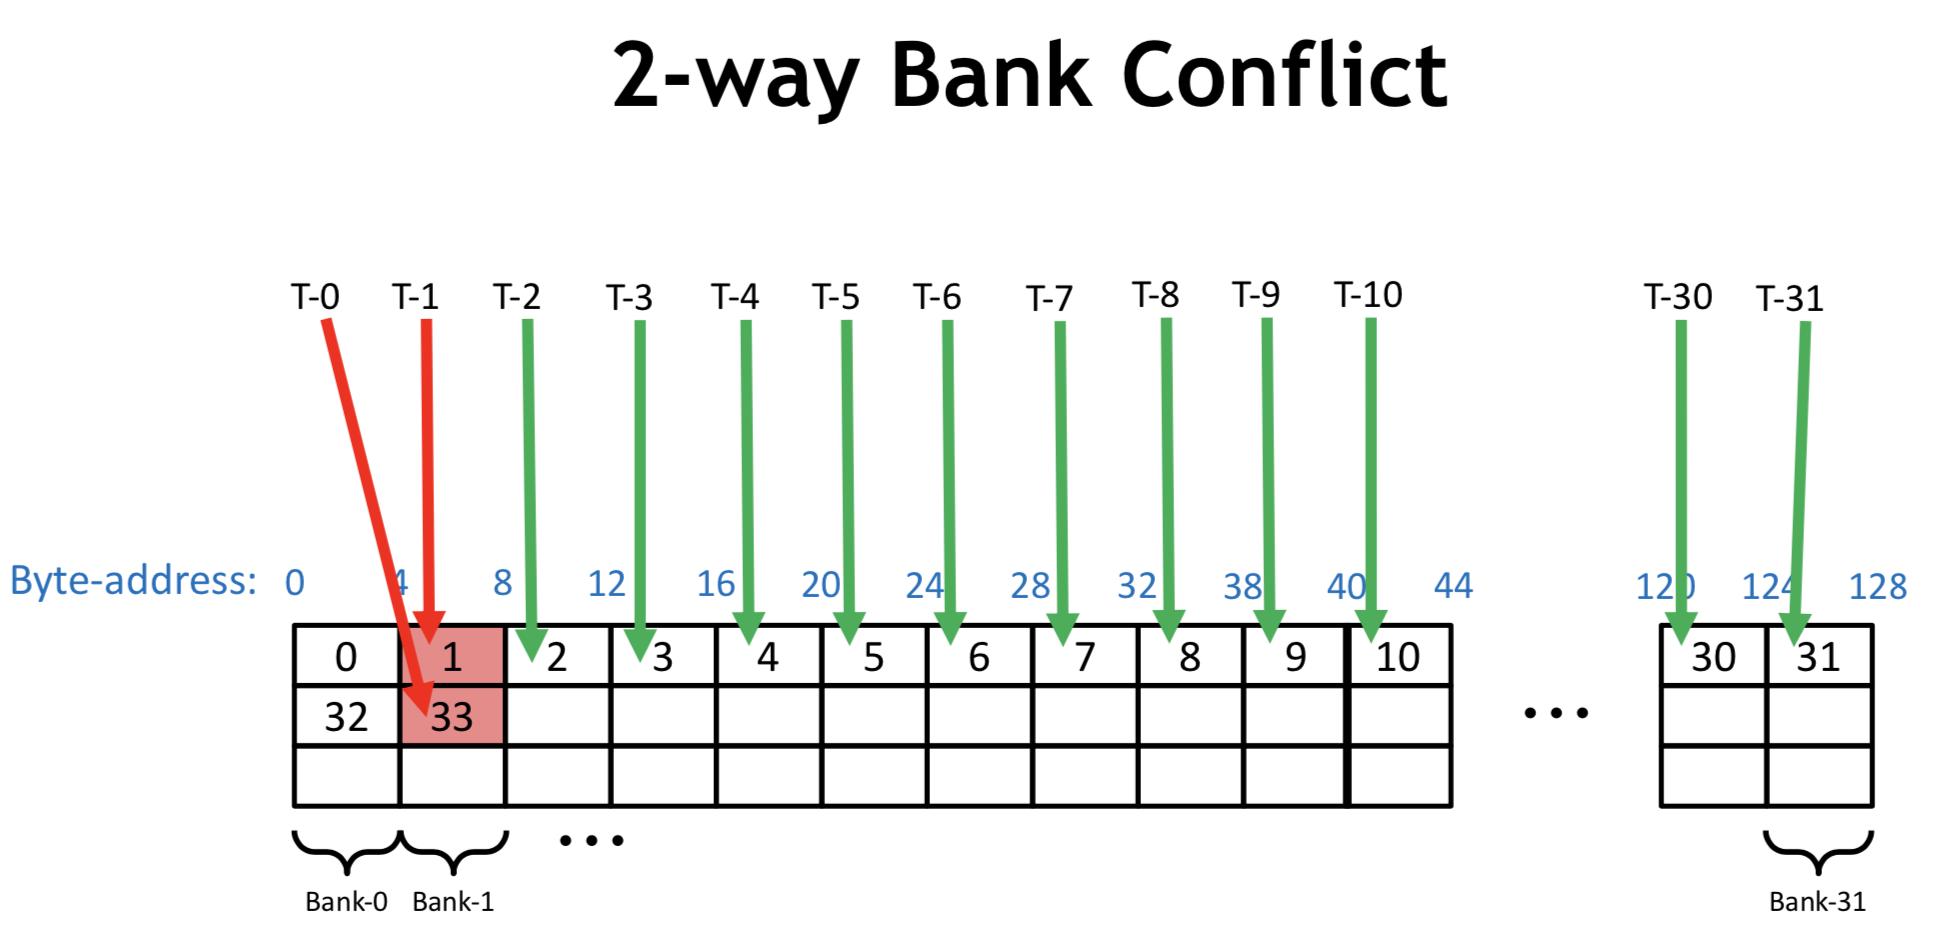 2 way conflicts